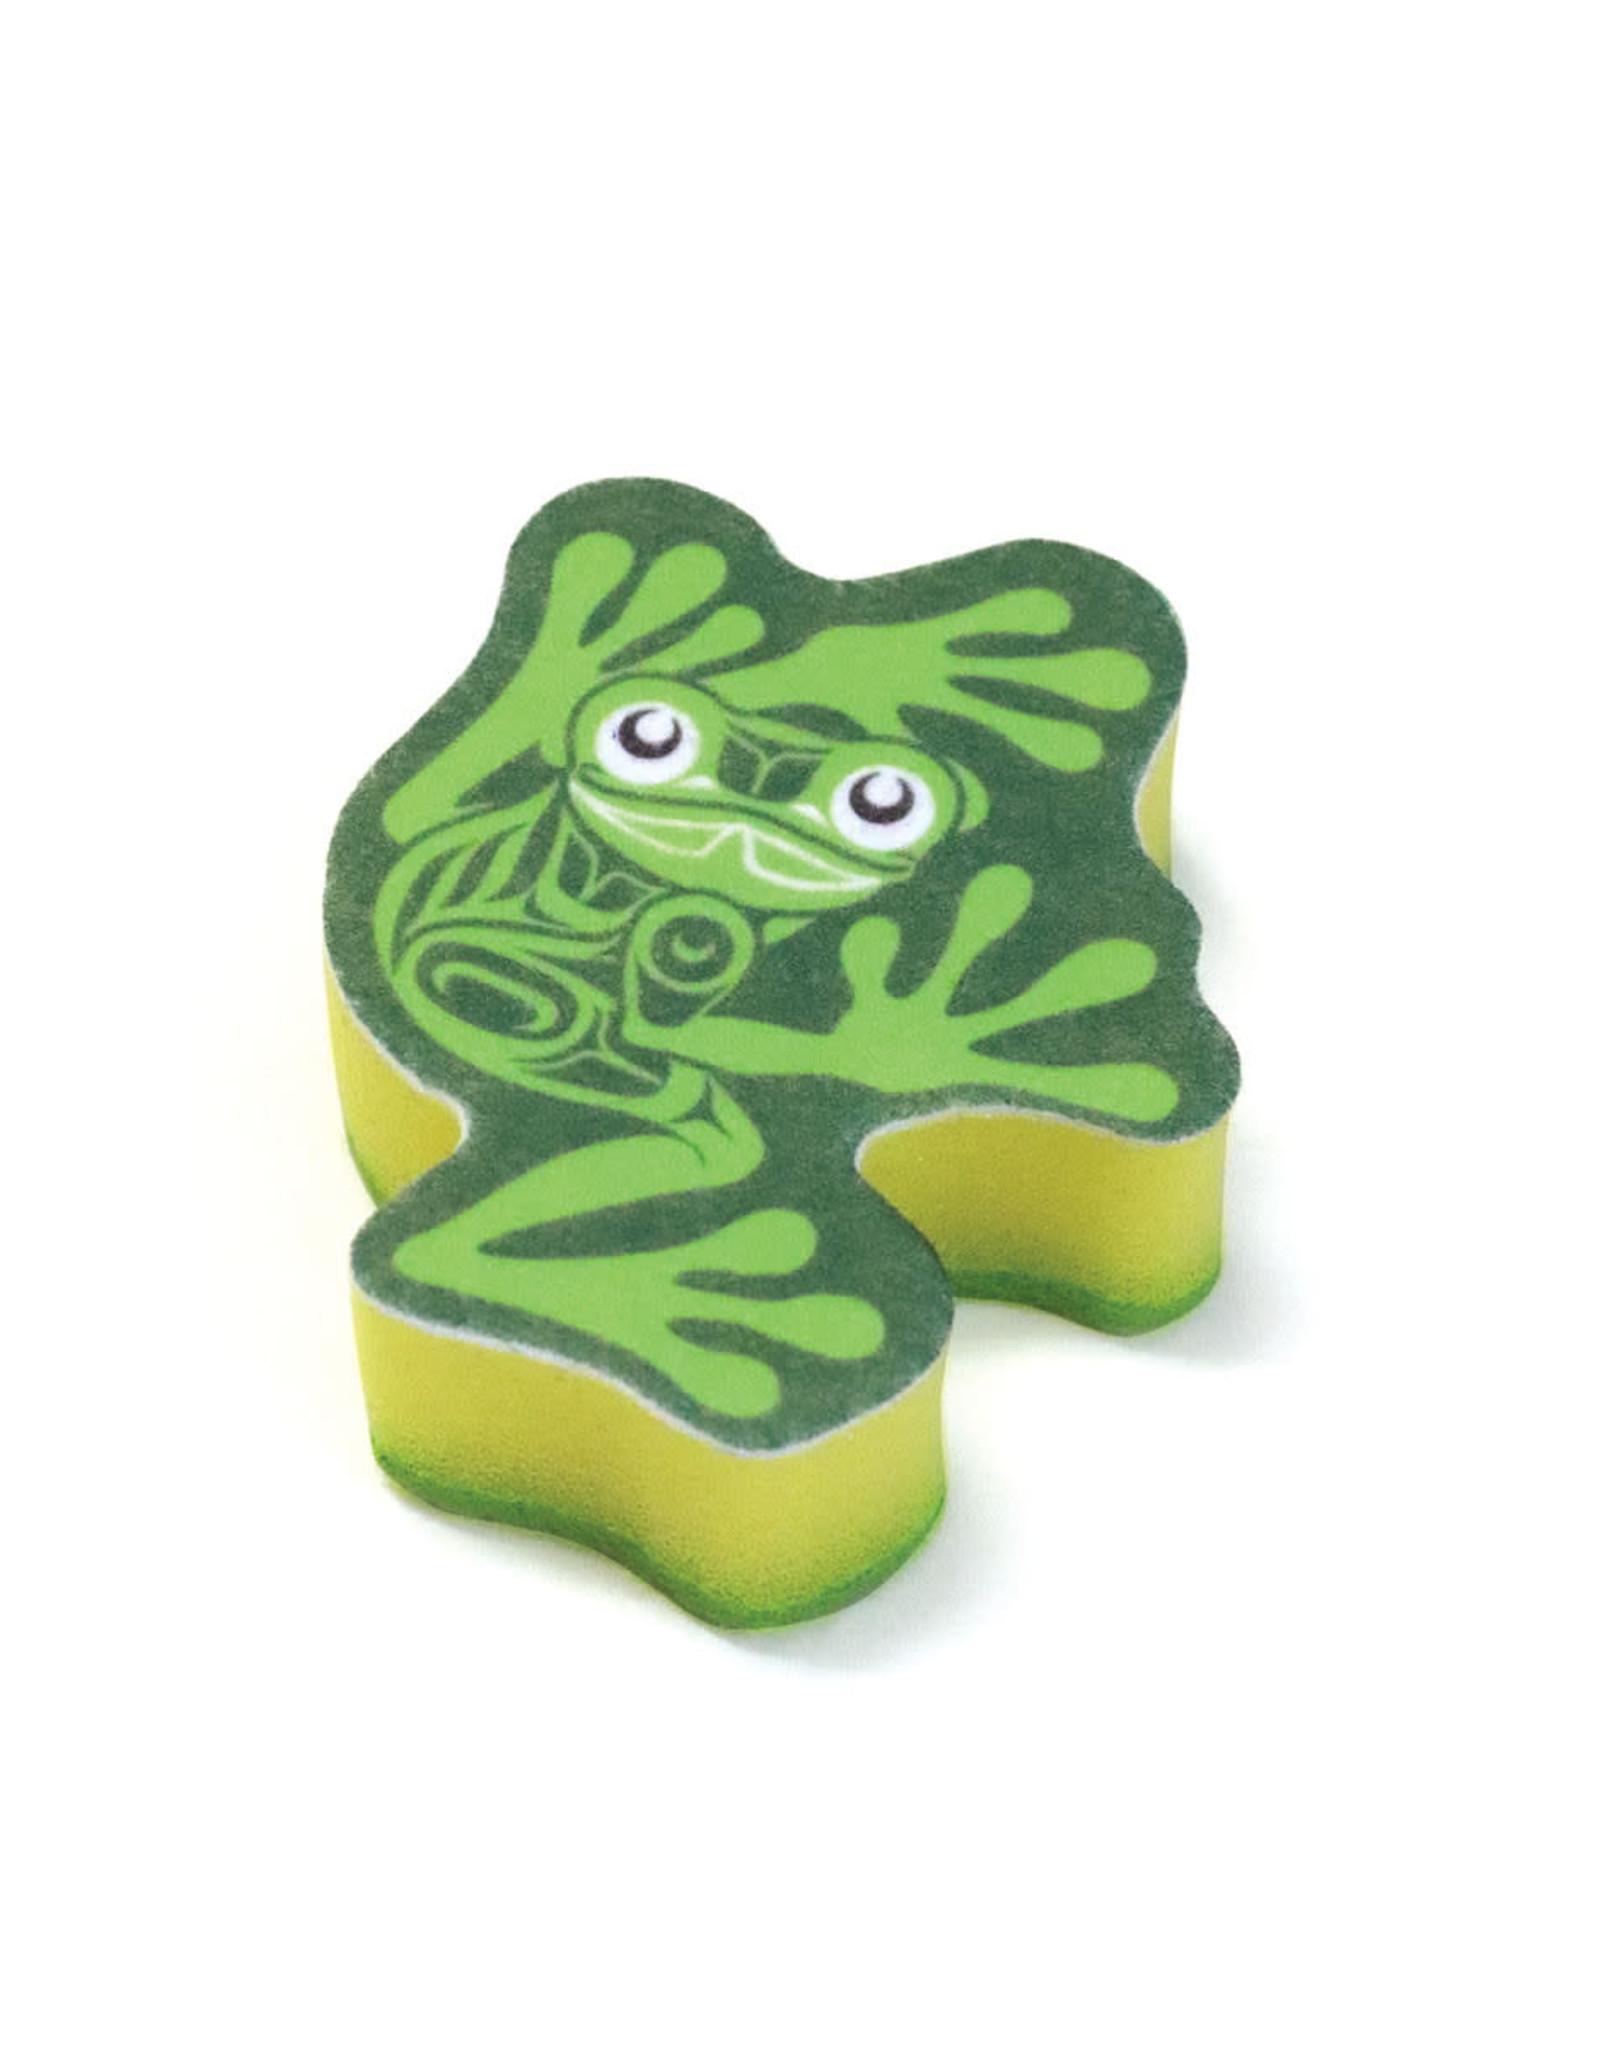 Handy Sponges